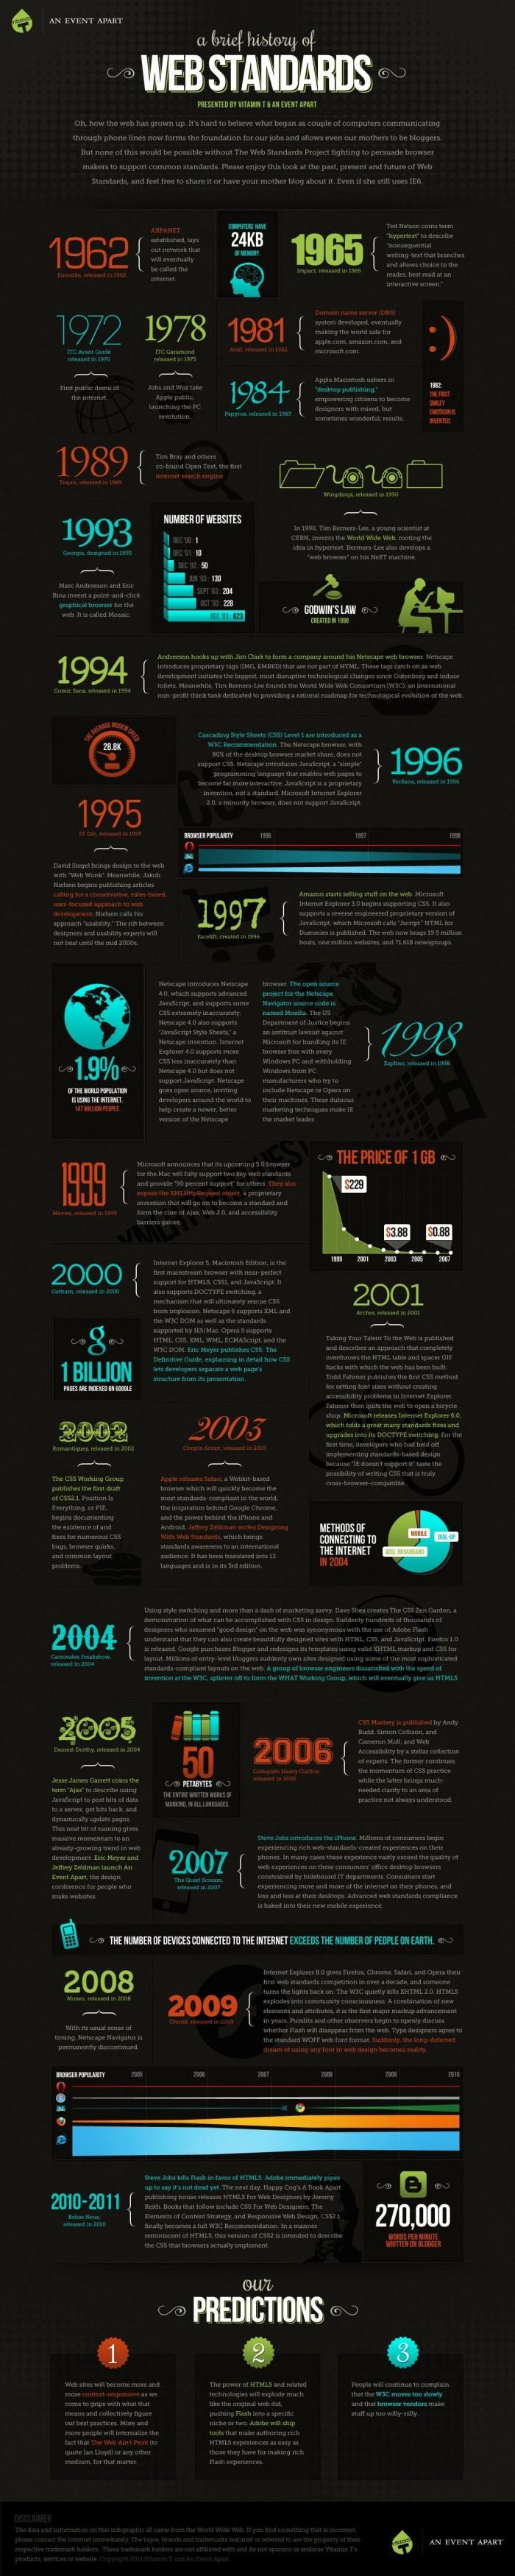 Geschiedenis webstandaarden in beeld